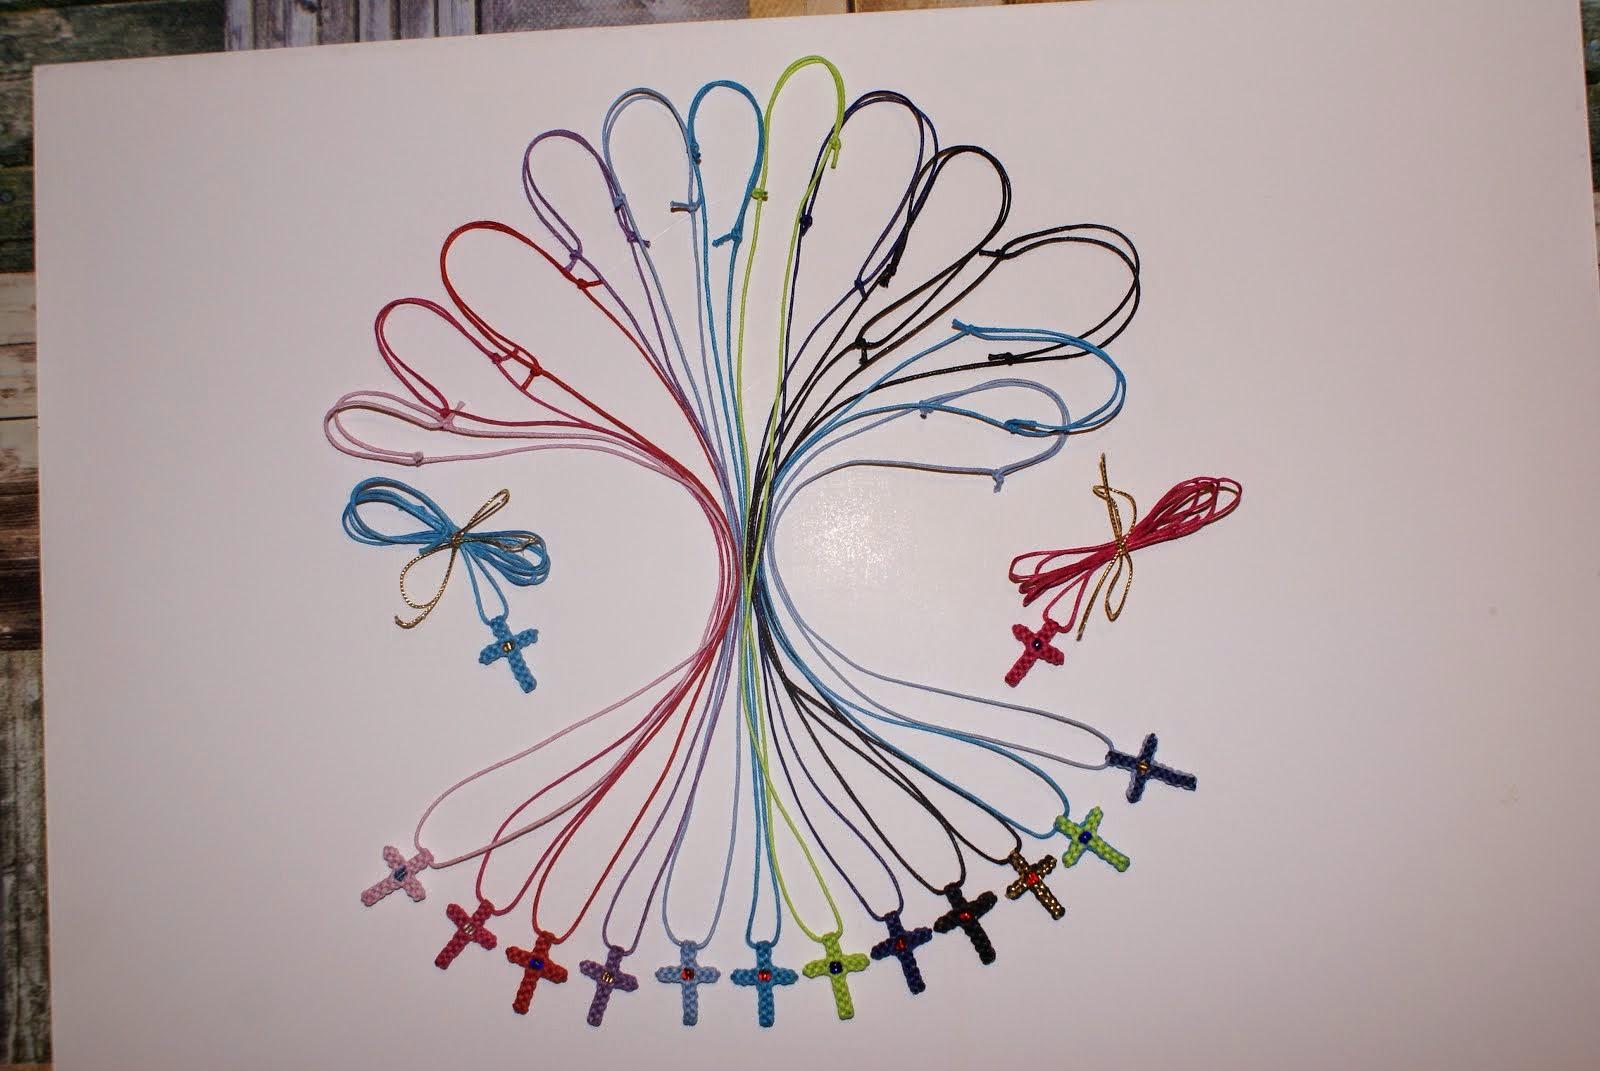 Χειροποίητα σταυρουδάκια λαιμού από κερωμένο νήμα σε διάφορα χρώματα